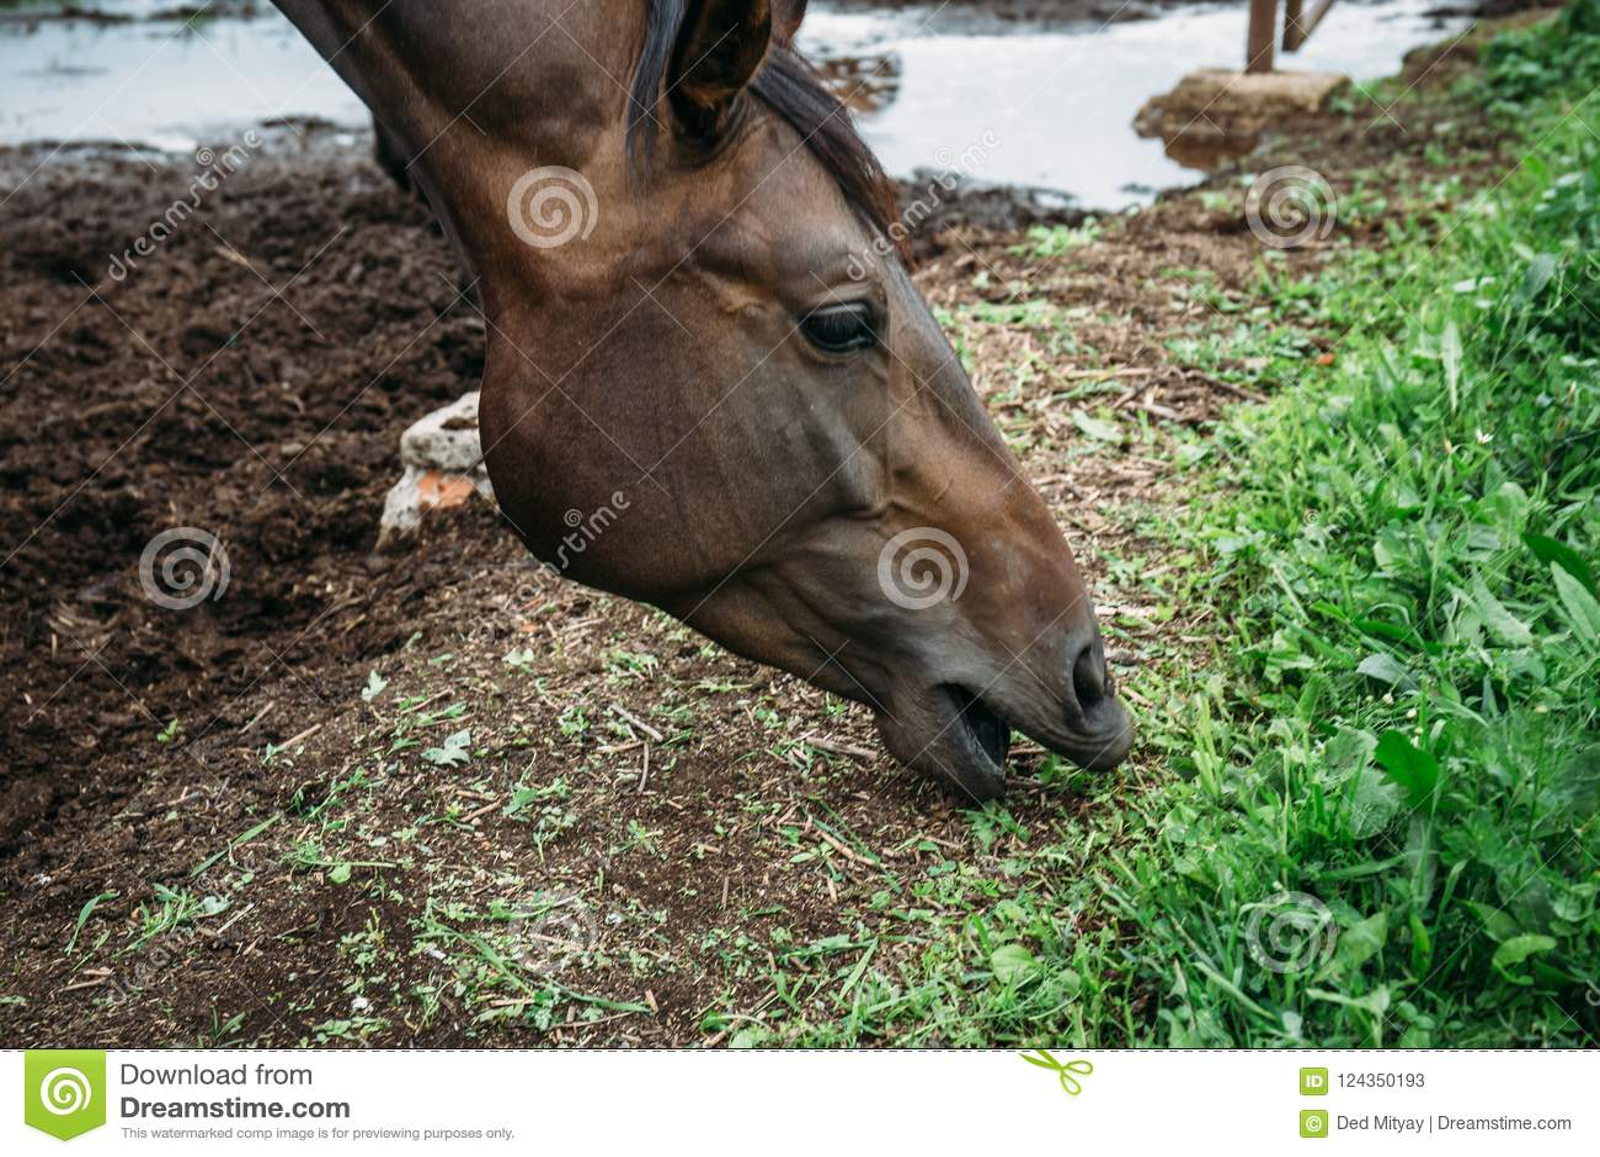 Dunkles Pferd essen das Heu oder Gras, die im Stift stehen oder zäunen im landwirtschaftlichen Bauernhof oder in der Ranch ein